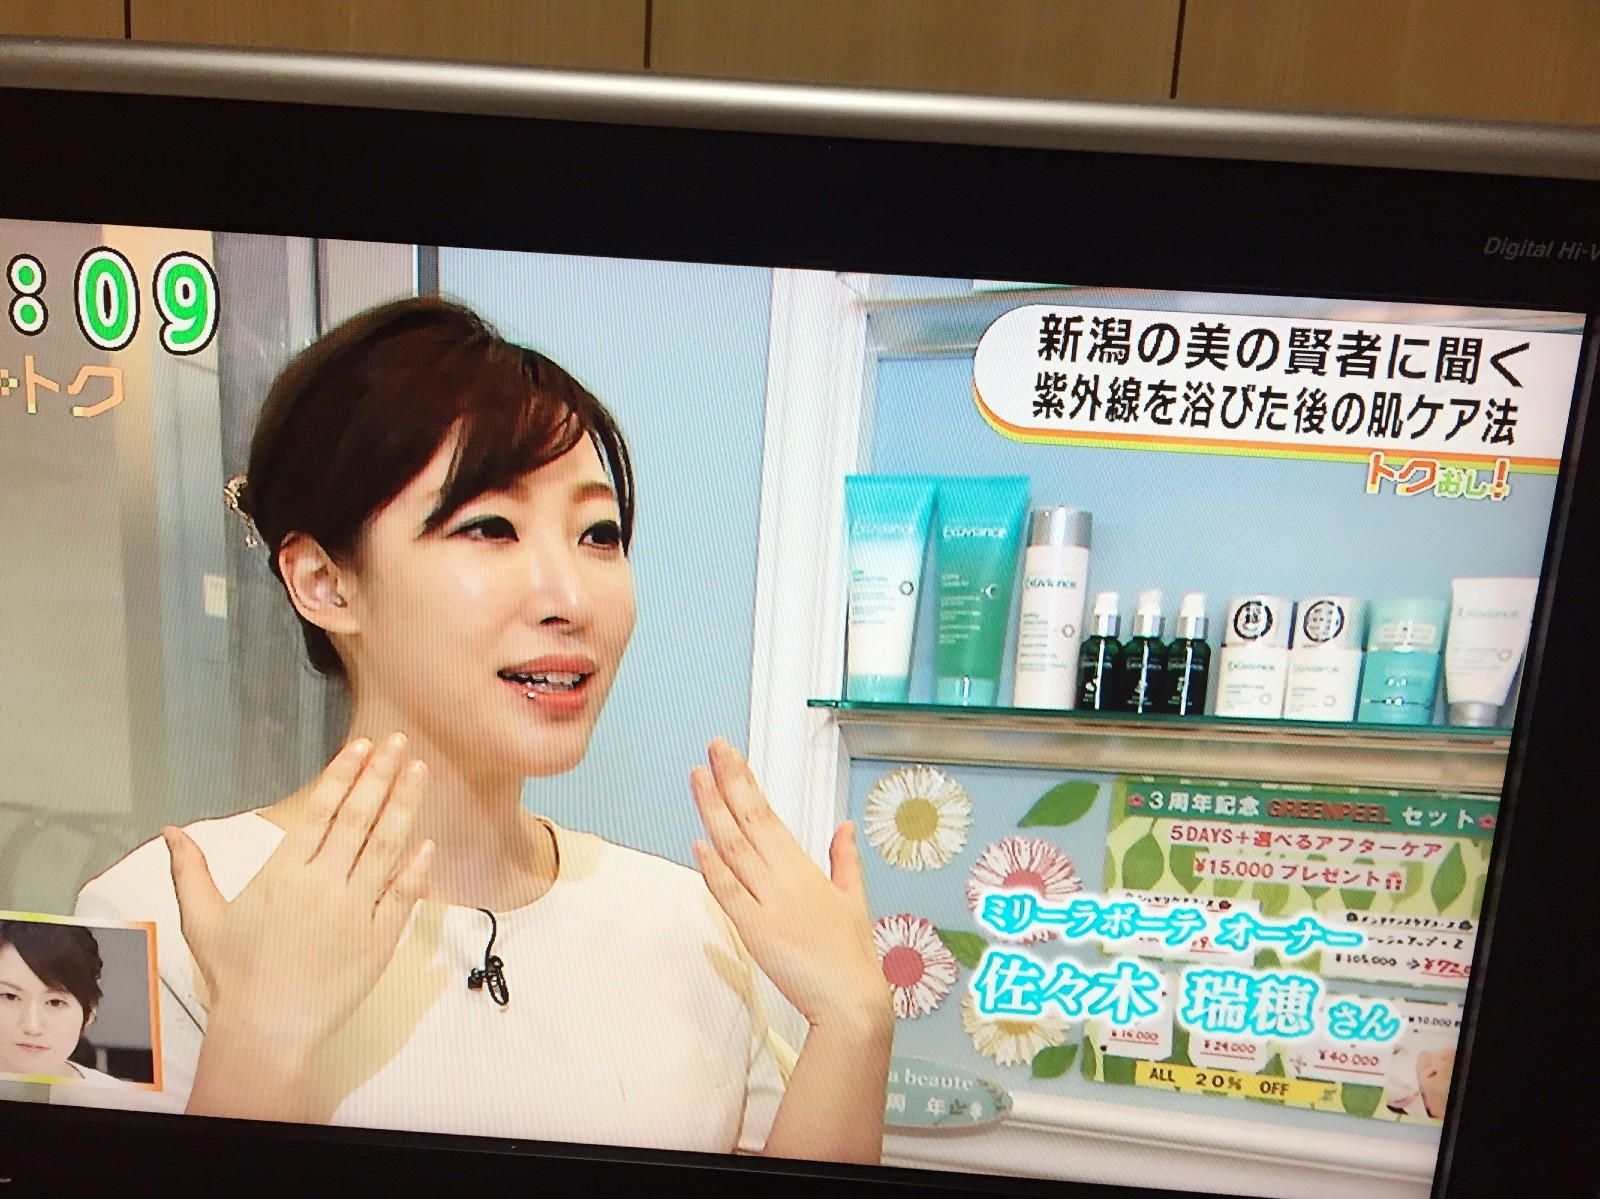 UX新潟テレビ21『ナマトク』出演